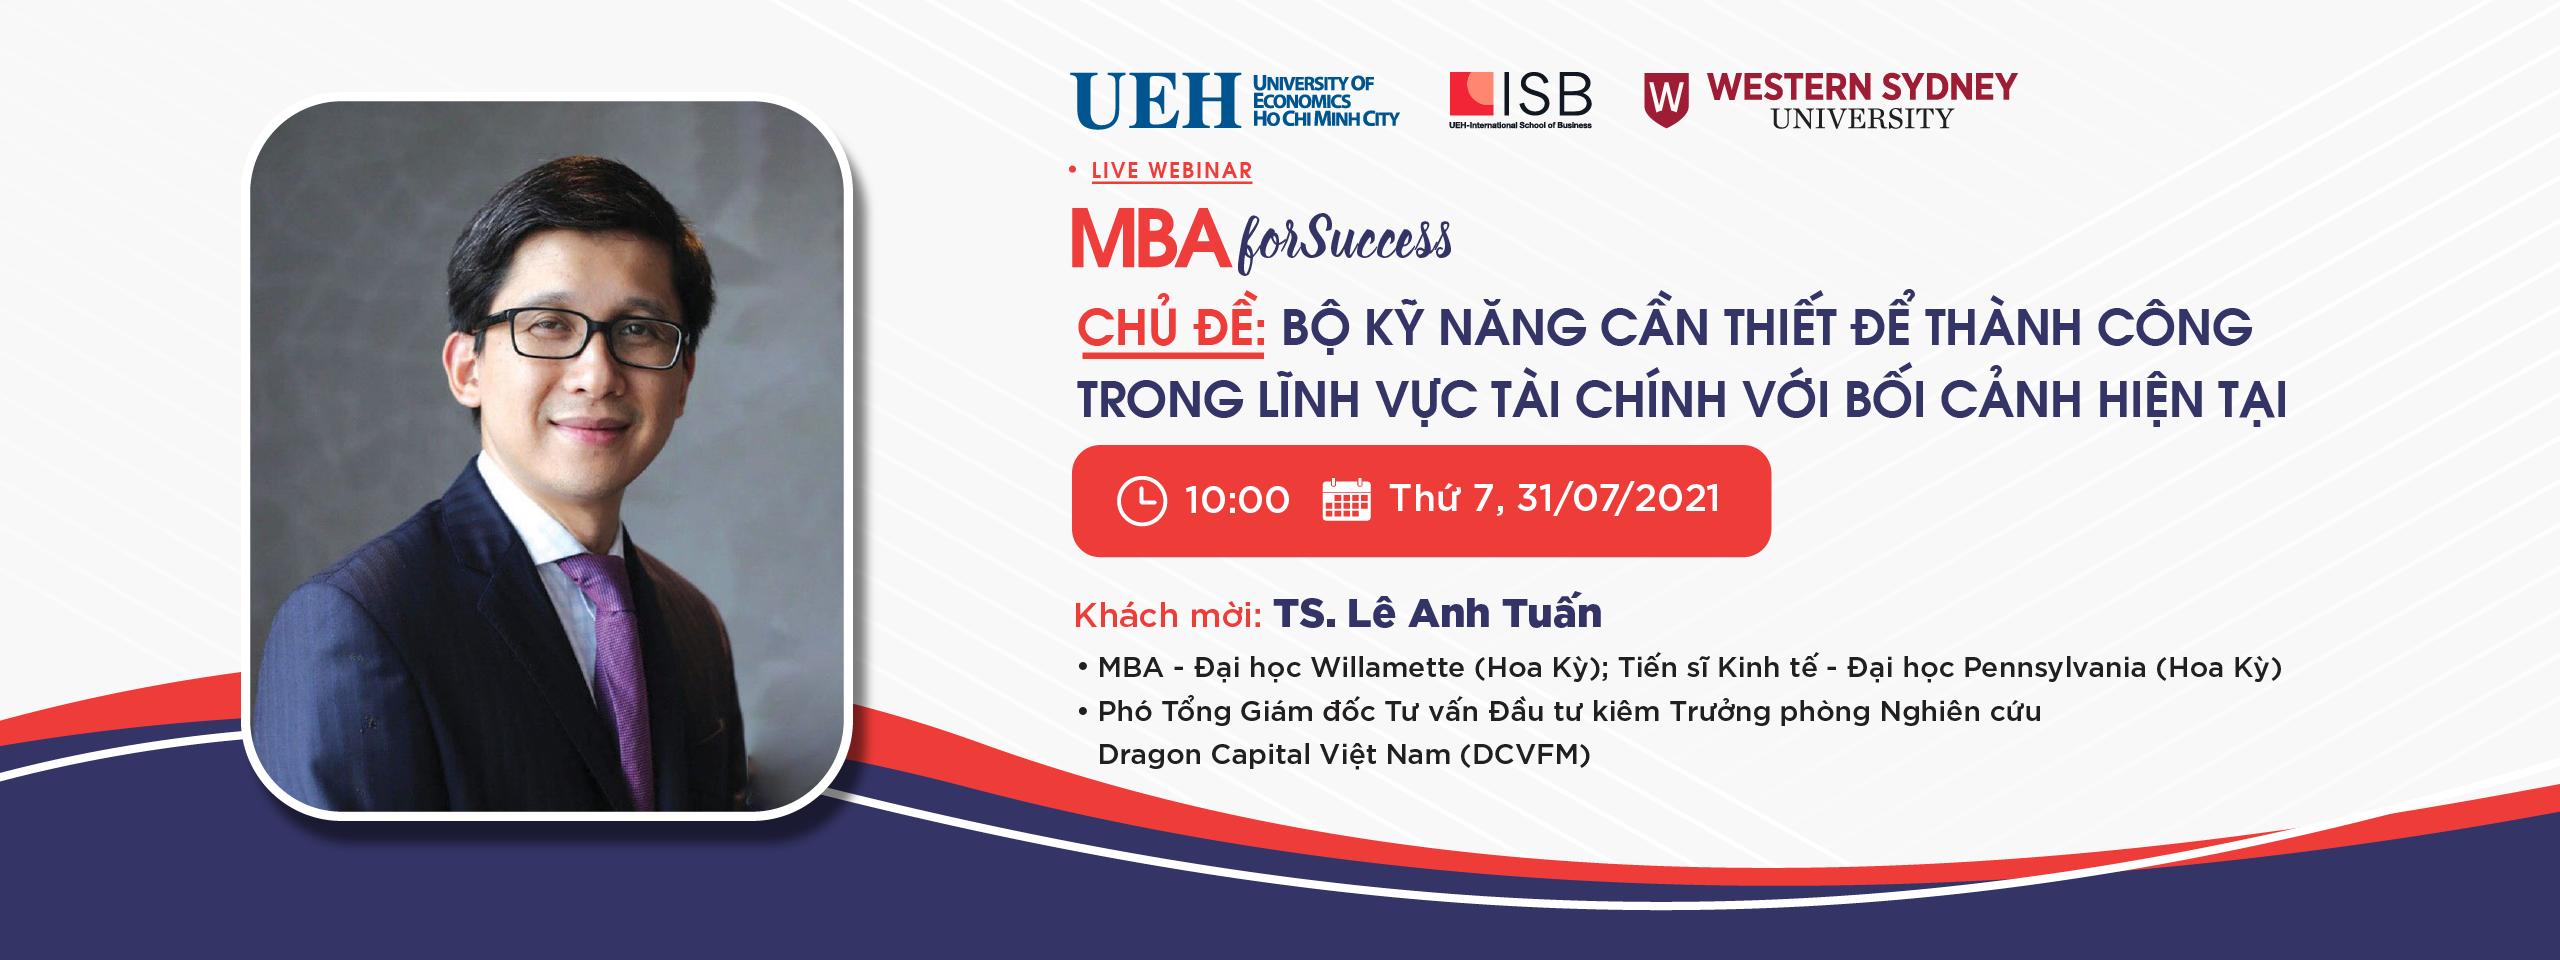 MBA For Success: Bộ kỹ năng cần thiết để thành công trong lĩnh vực tài chính với bối cảnh hiện tại